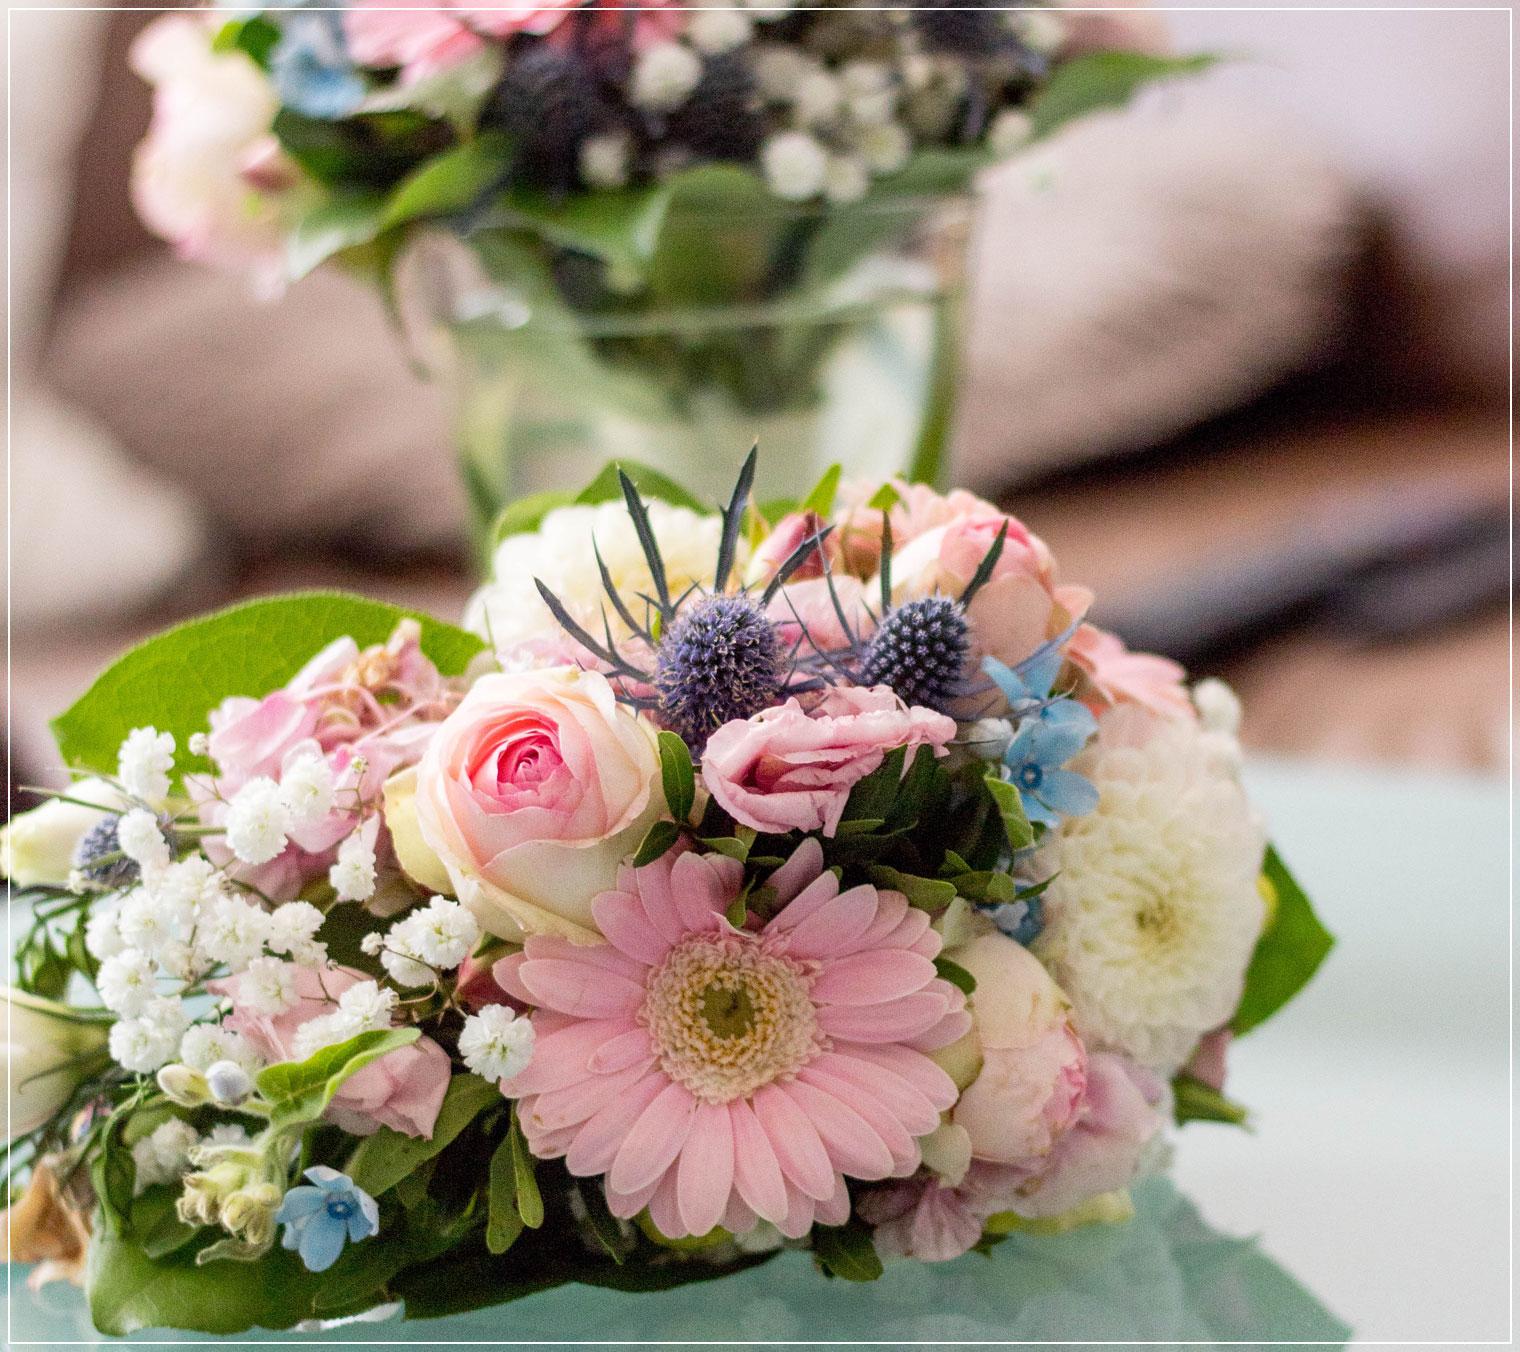 Kleider für Hochzeitsgäste, Hochzeitssaison, Weddingguest Dresses, Hochzeitsgast Kleider, Brautjungfernkleider, Hochzeit, Kleider als Hochzeitsgast, Dresscodes Hochzeit